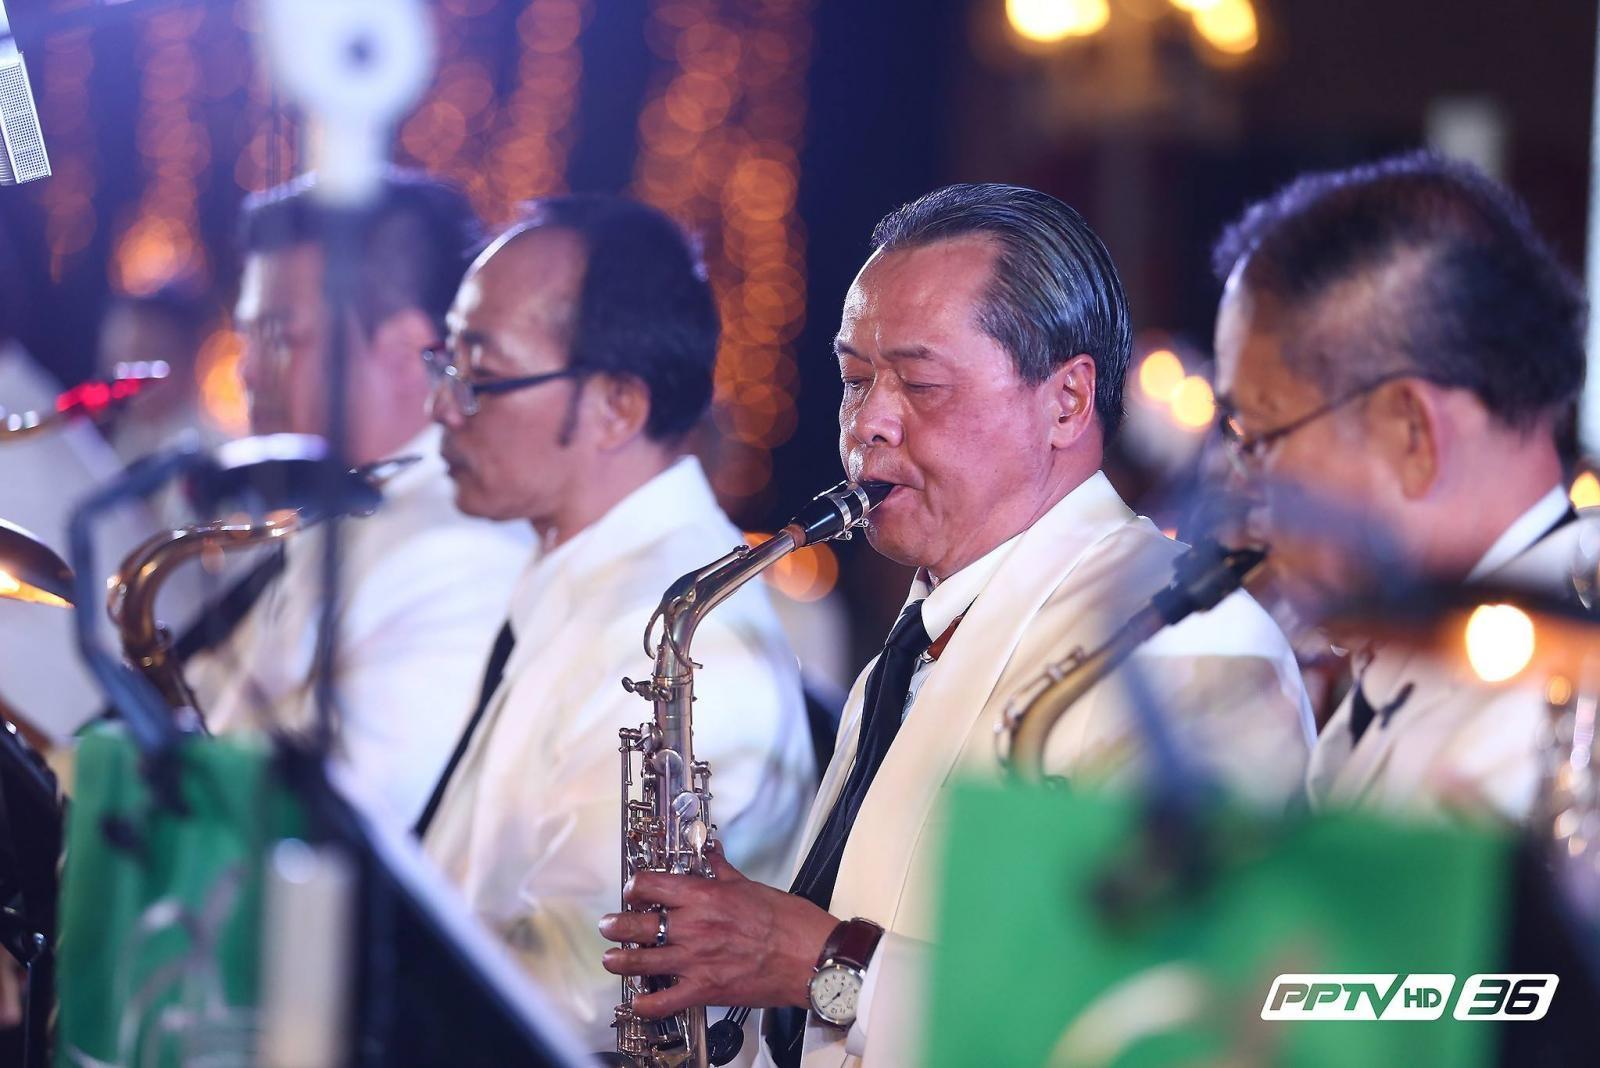 ธ.กสิกรไทยจัดคอนเสิร์ตบรรเลงเพลงของพ่อเนื่องในโอกาส 5 ธ.ค. (คลิป)